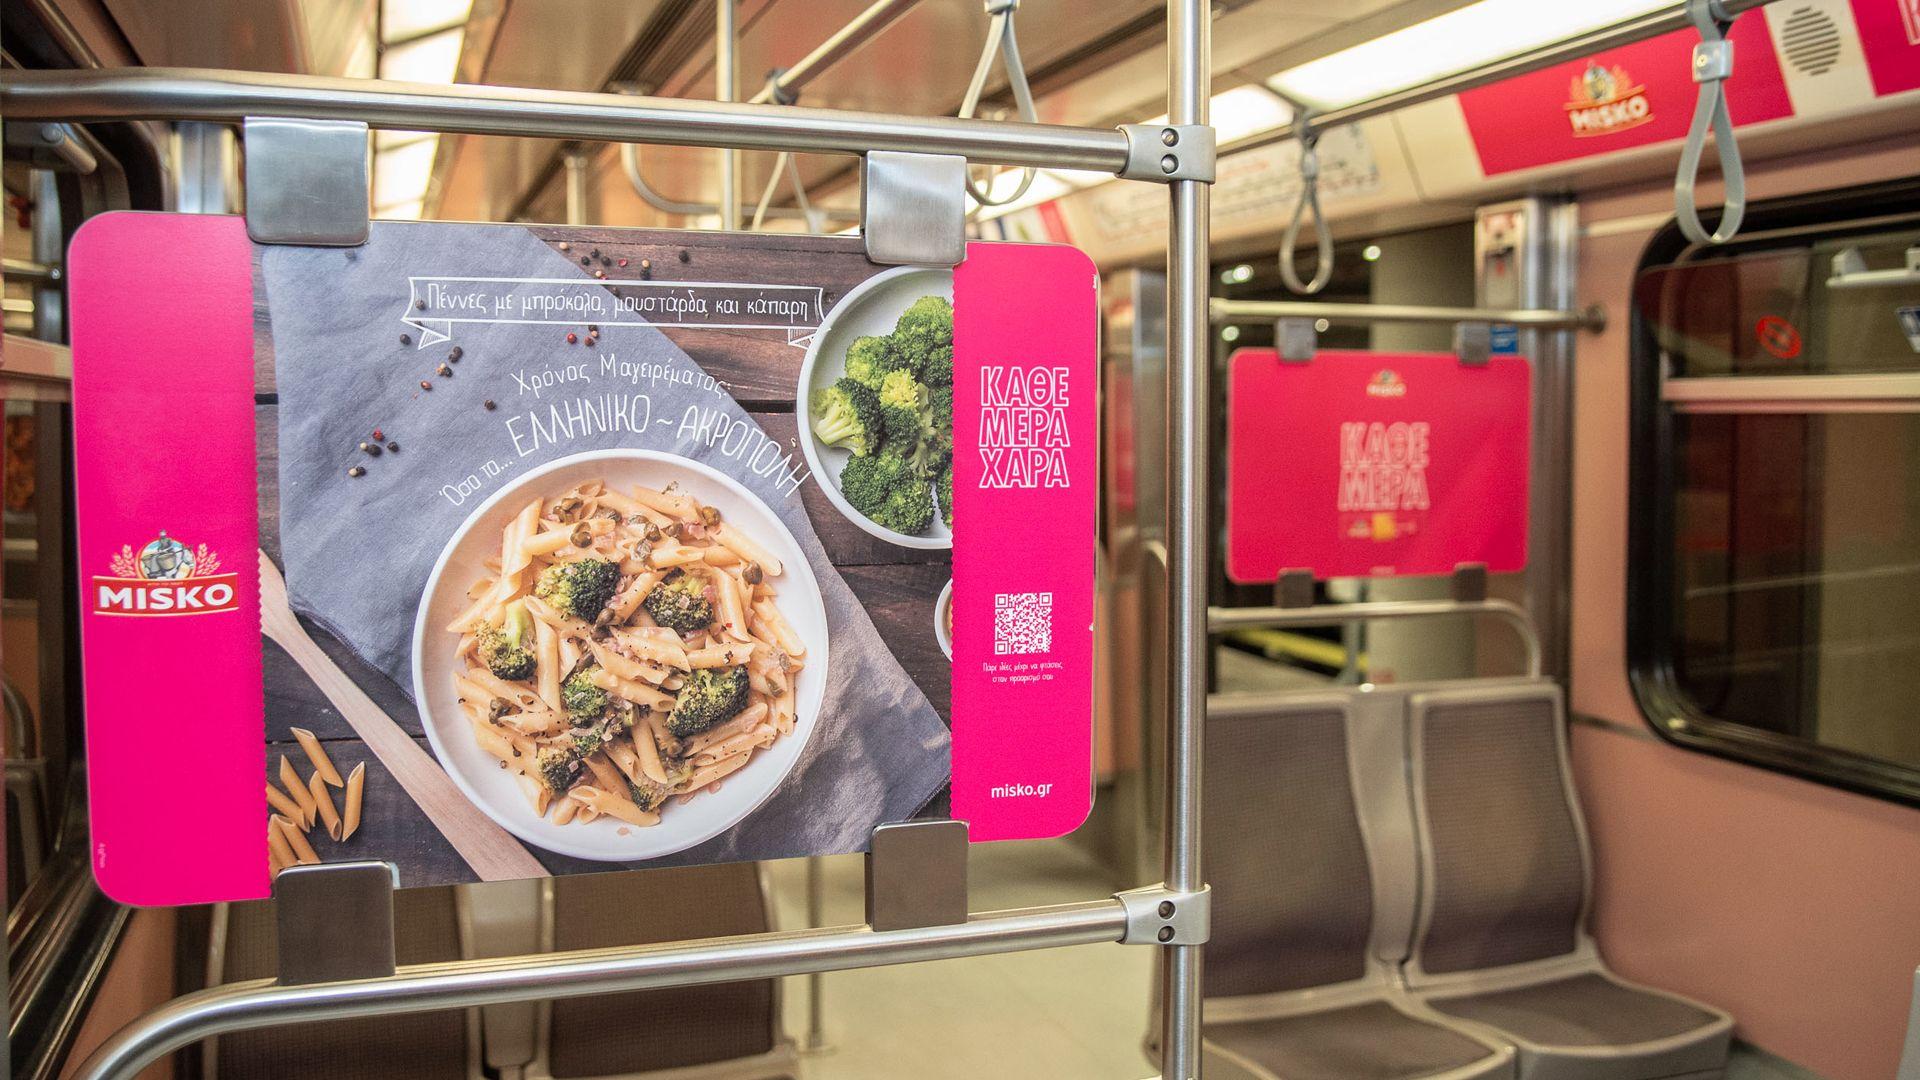 02-print-outdoor-metro-misko.jpg